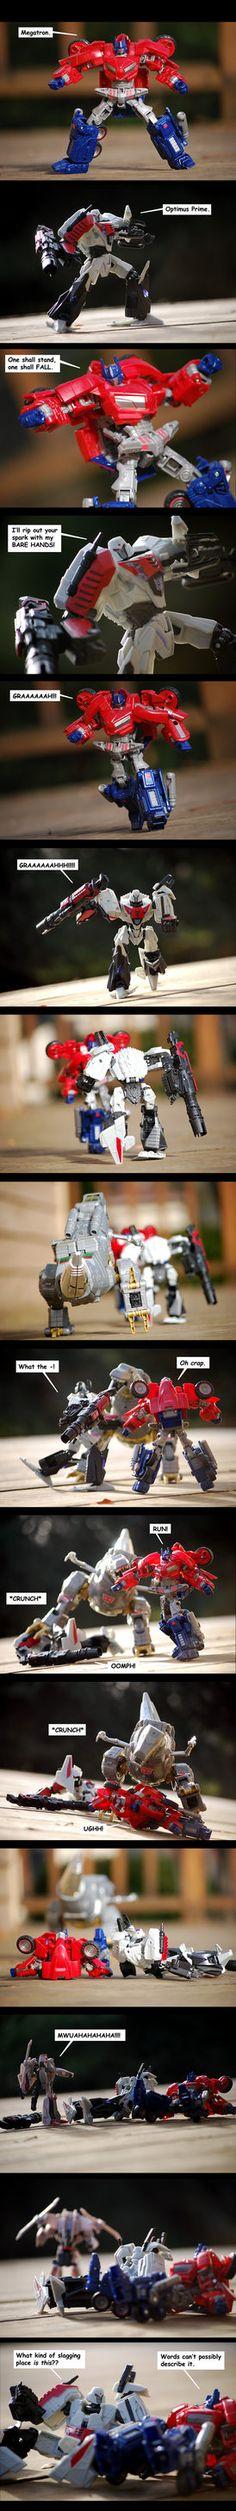 Showdown Redux by The-Starhorse.deviantart.com on @DeviantArt